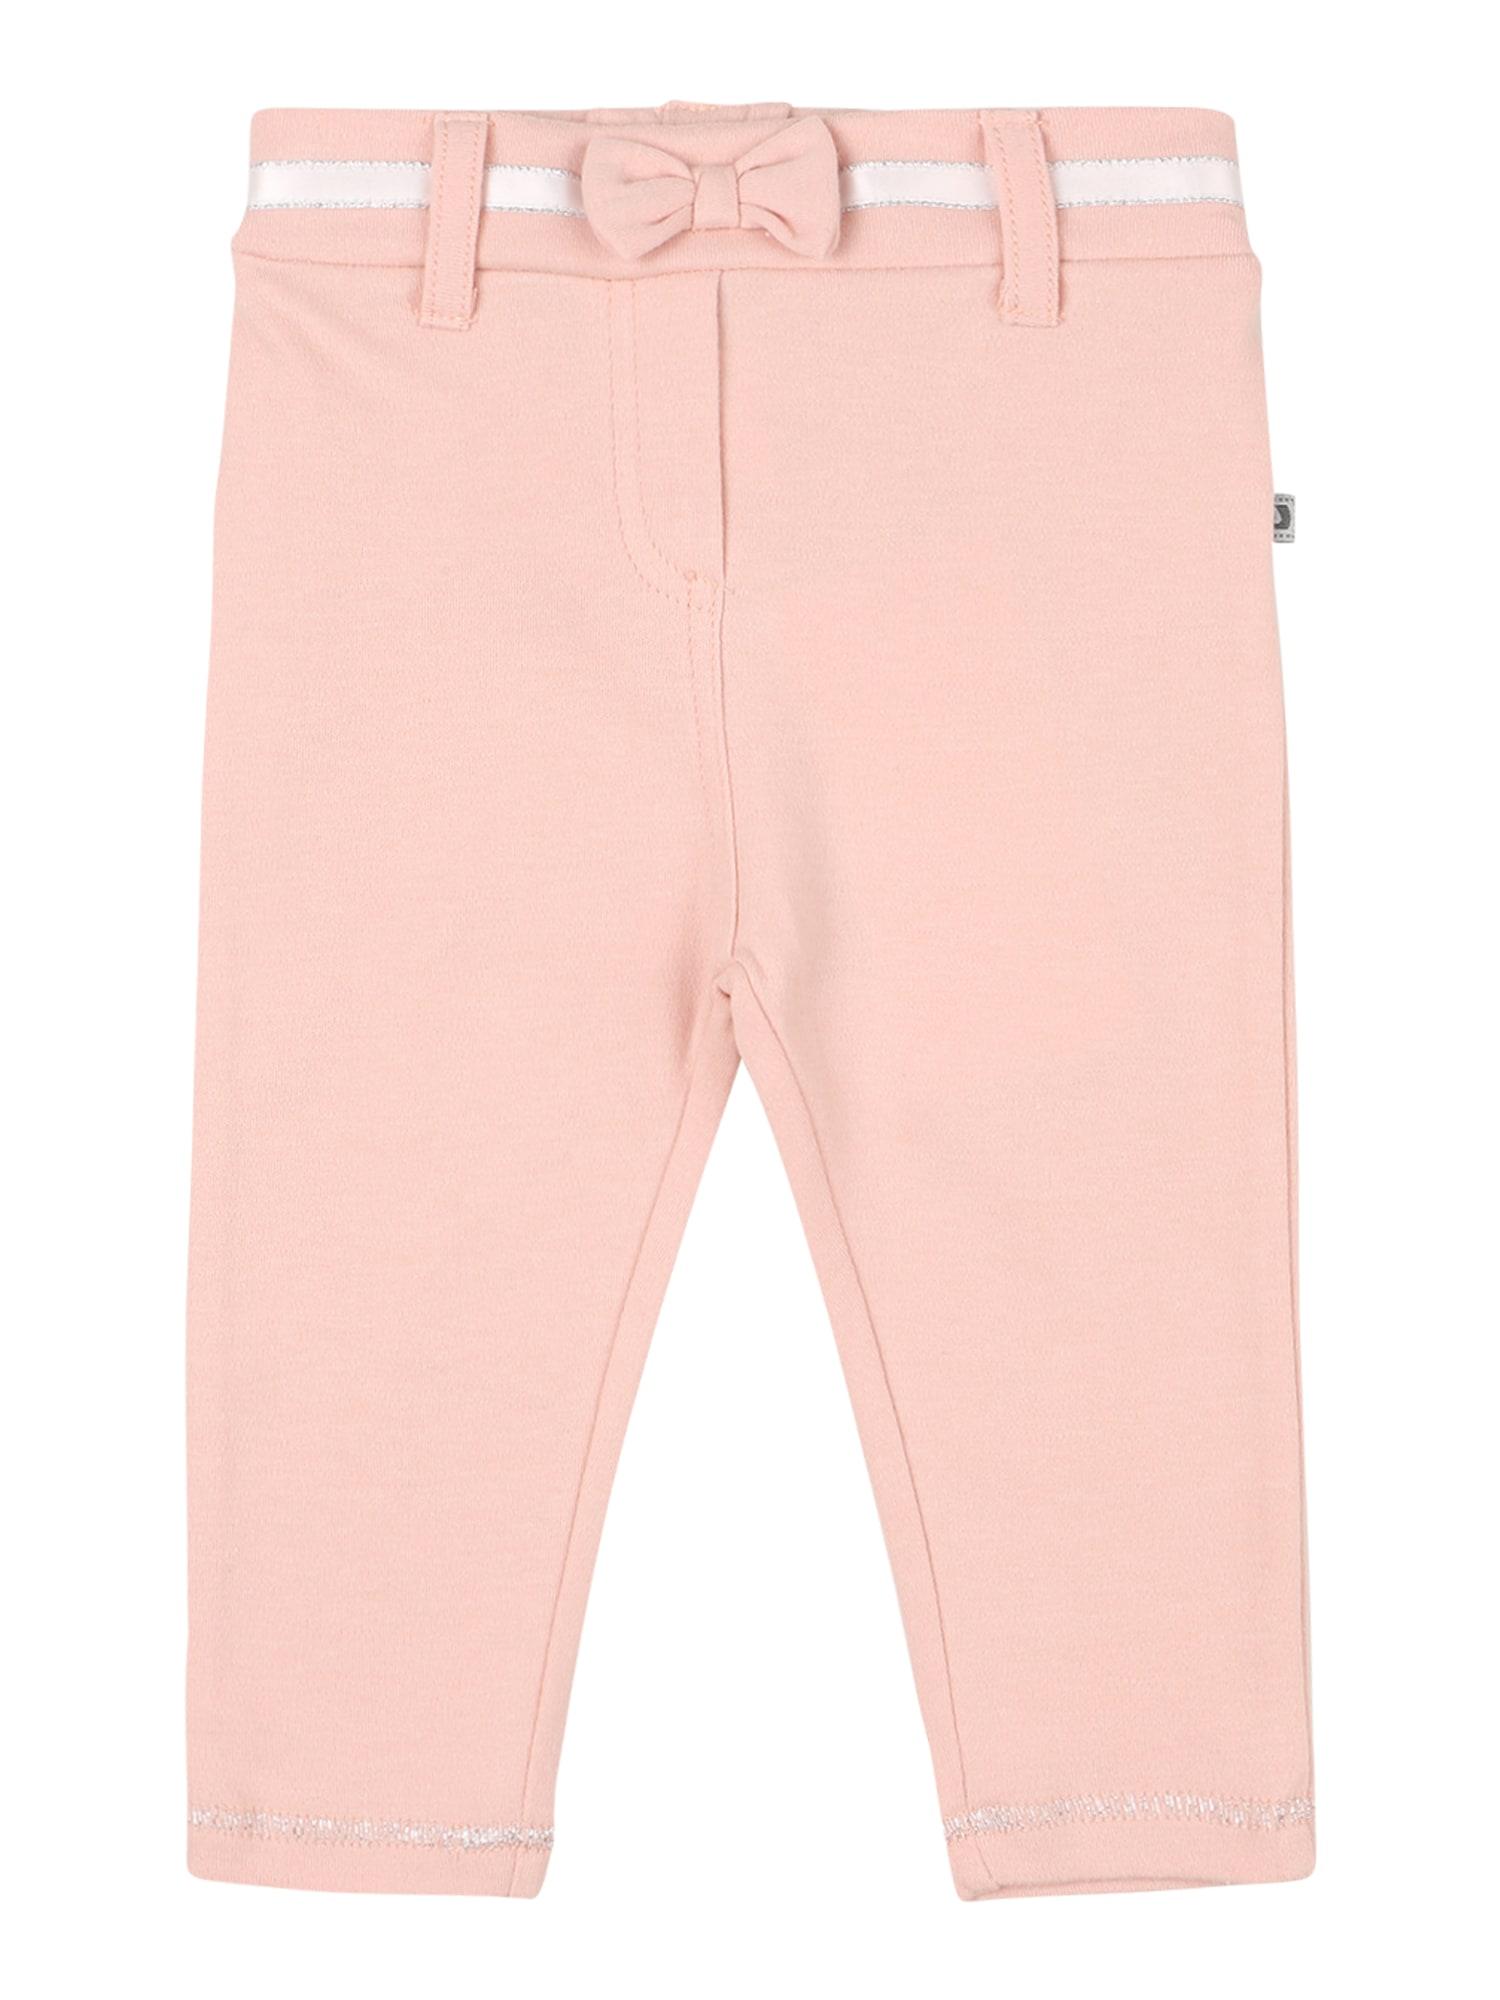 JACKY Tamprės ryškiai rožinė spalva / balta / sidabrinė